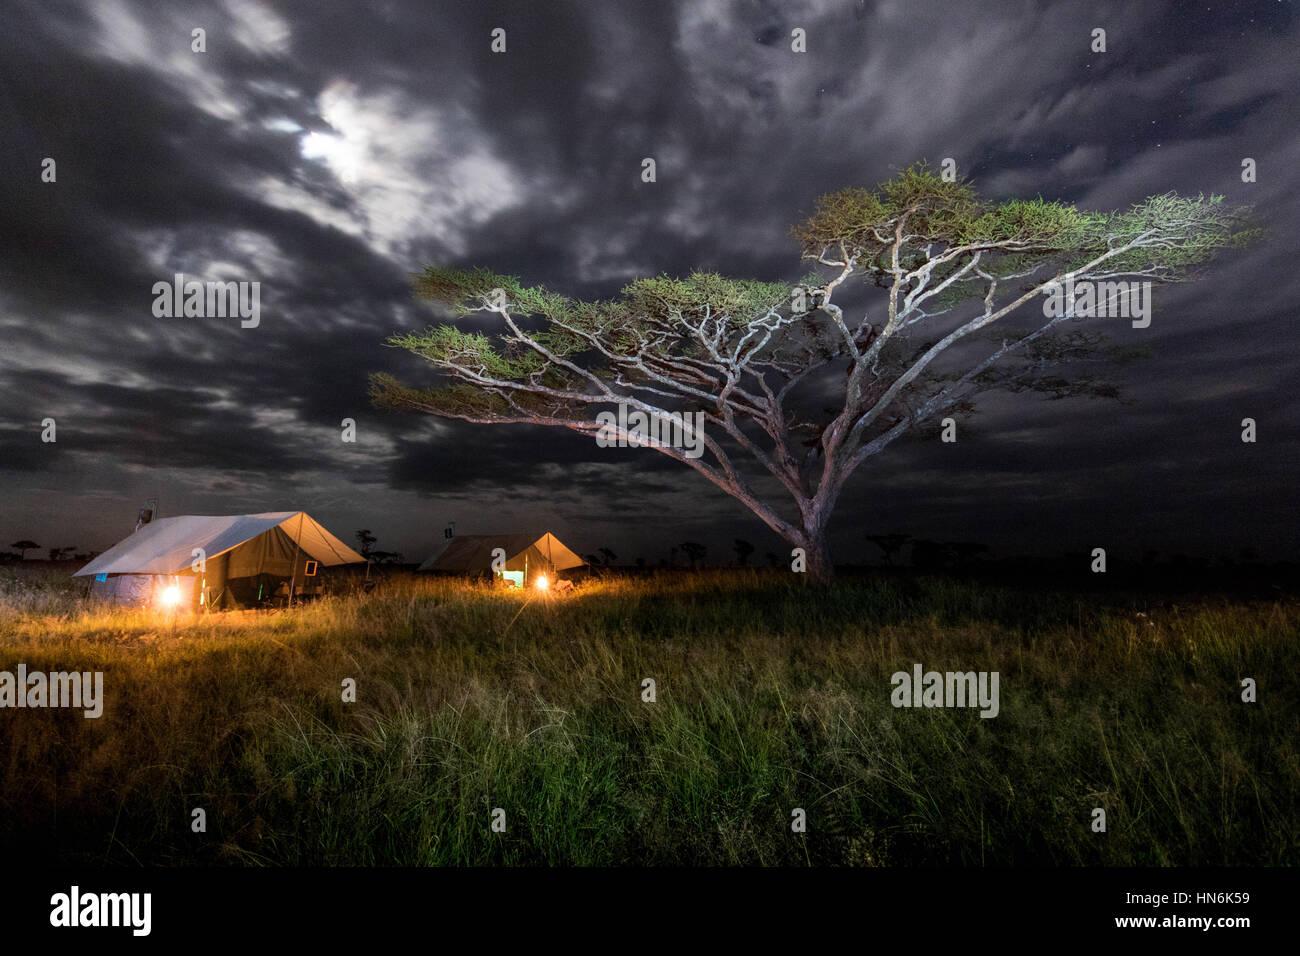 Fotografía de paisaje nocturno de acampar en el Parque Nacional del Serengeti, Tanzania, África Imagen De Stock